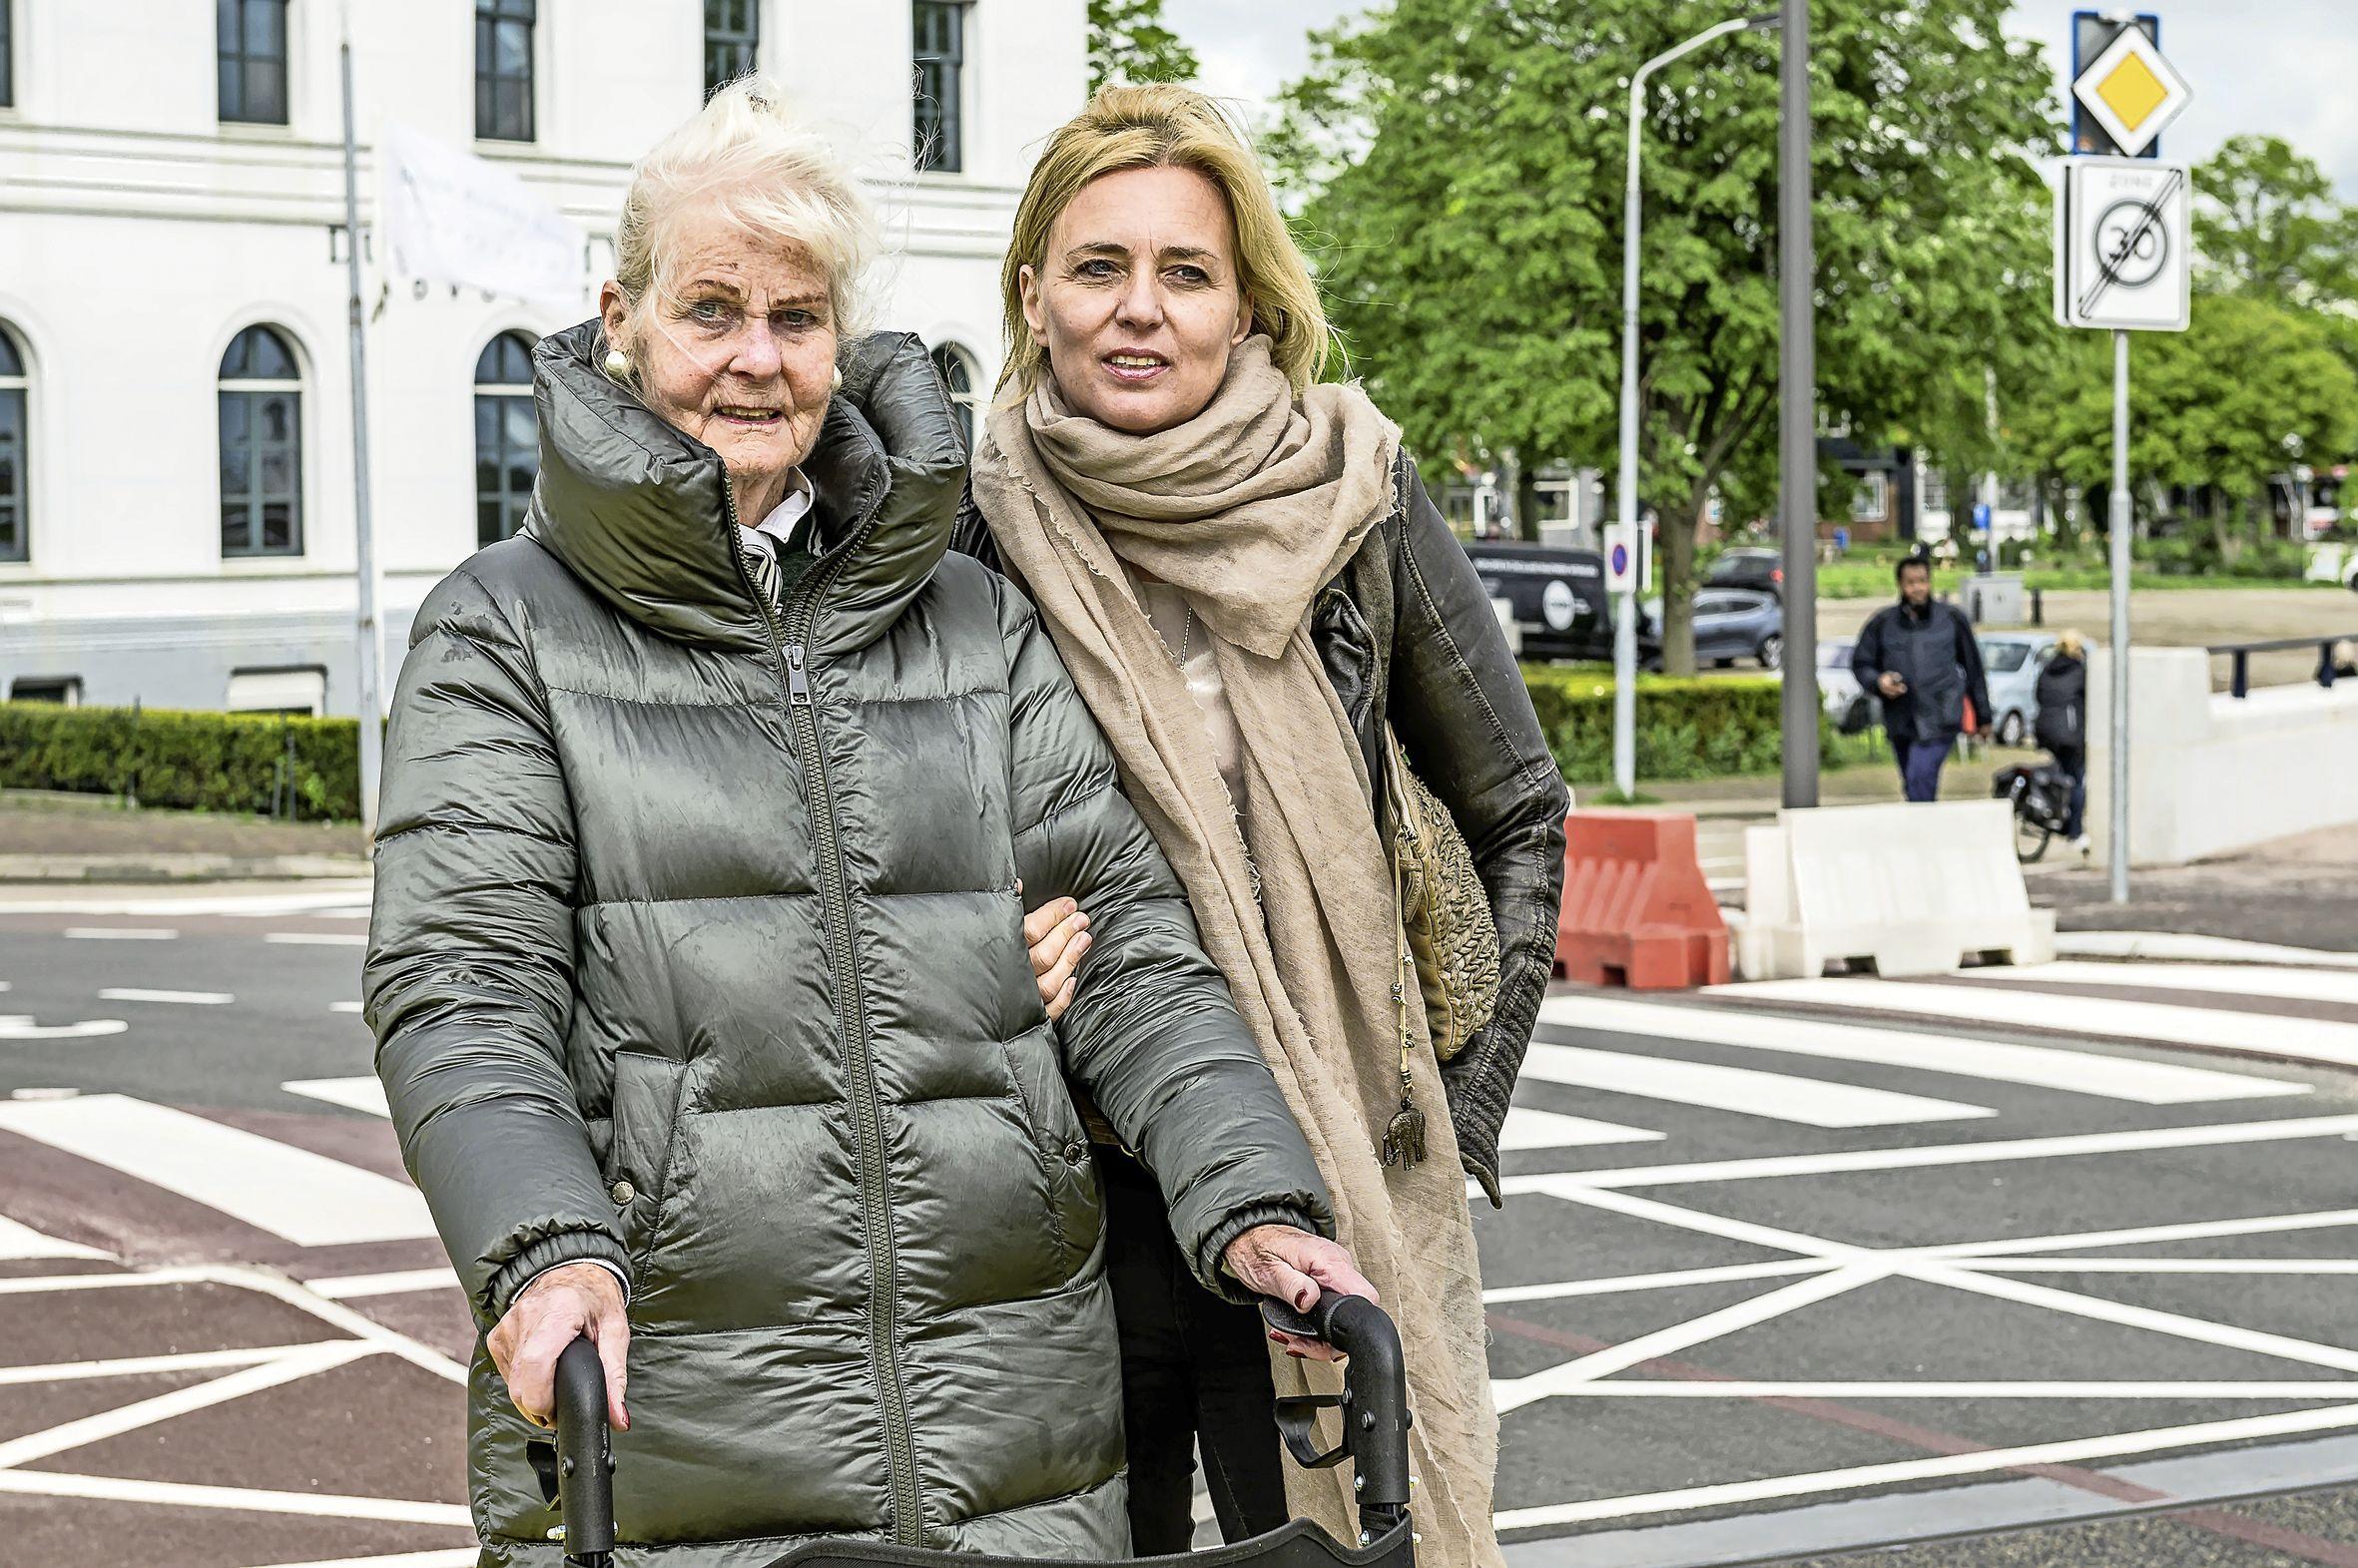 Getuige zag dat 78-jarige Zaandamse viel over de opstaande rand in de Wilheminabrug en advocaat vindt gemeente aansprakelijk